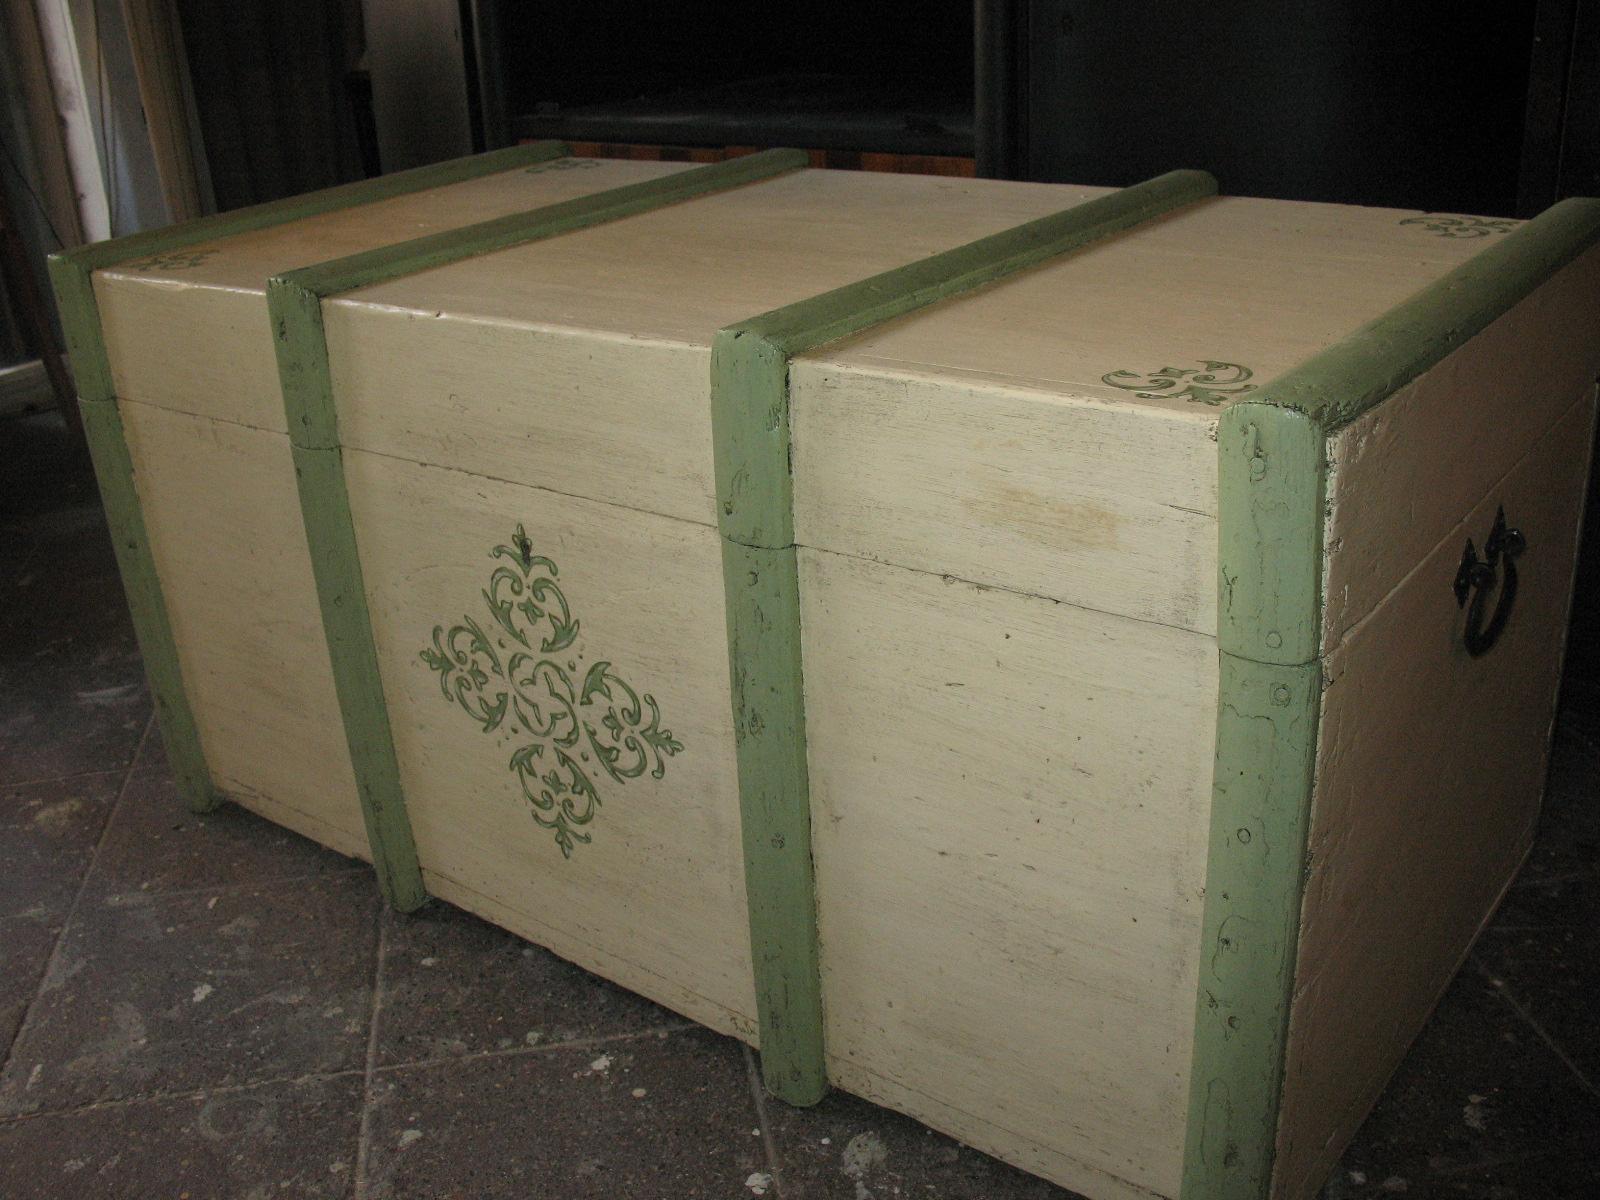 Recupero creativo di un baule in legno falegnameria frad falegname a palermo - Come rivestire internamente un baule ...